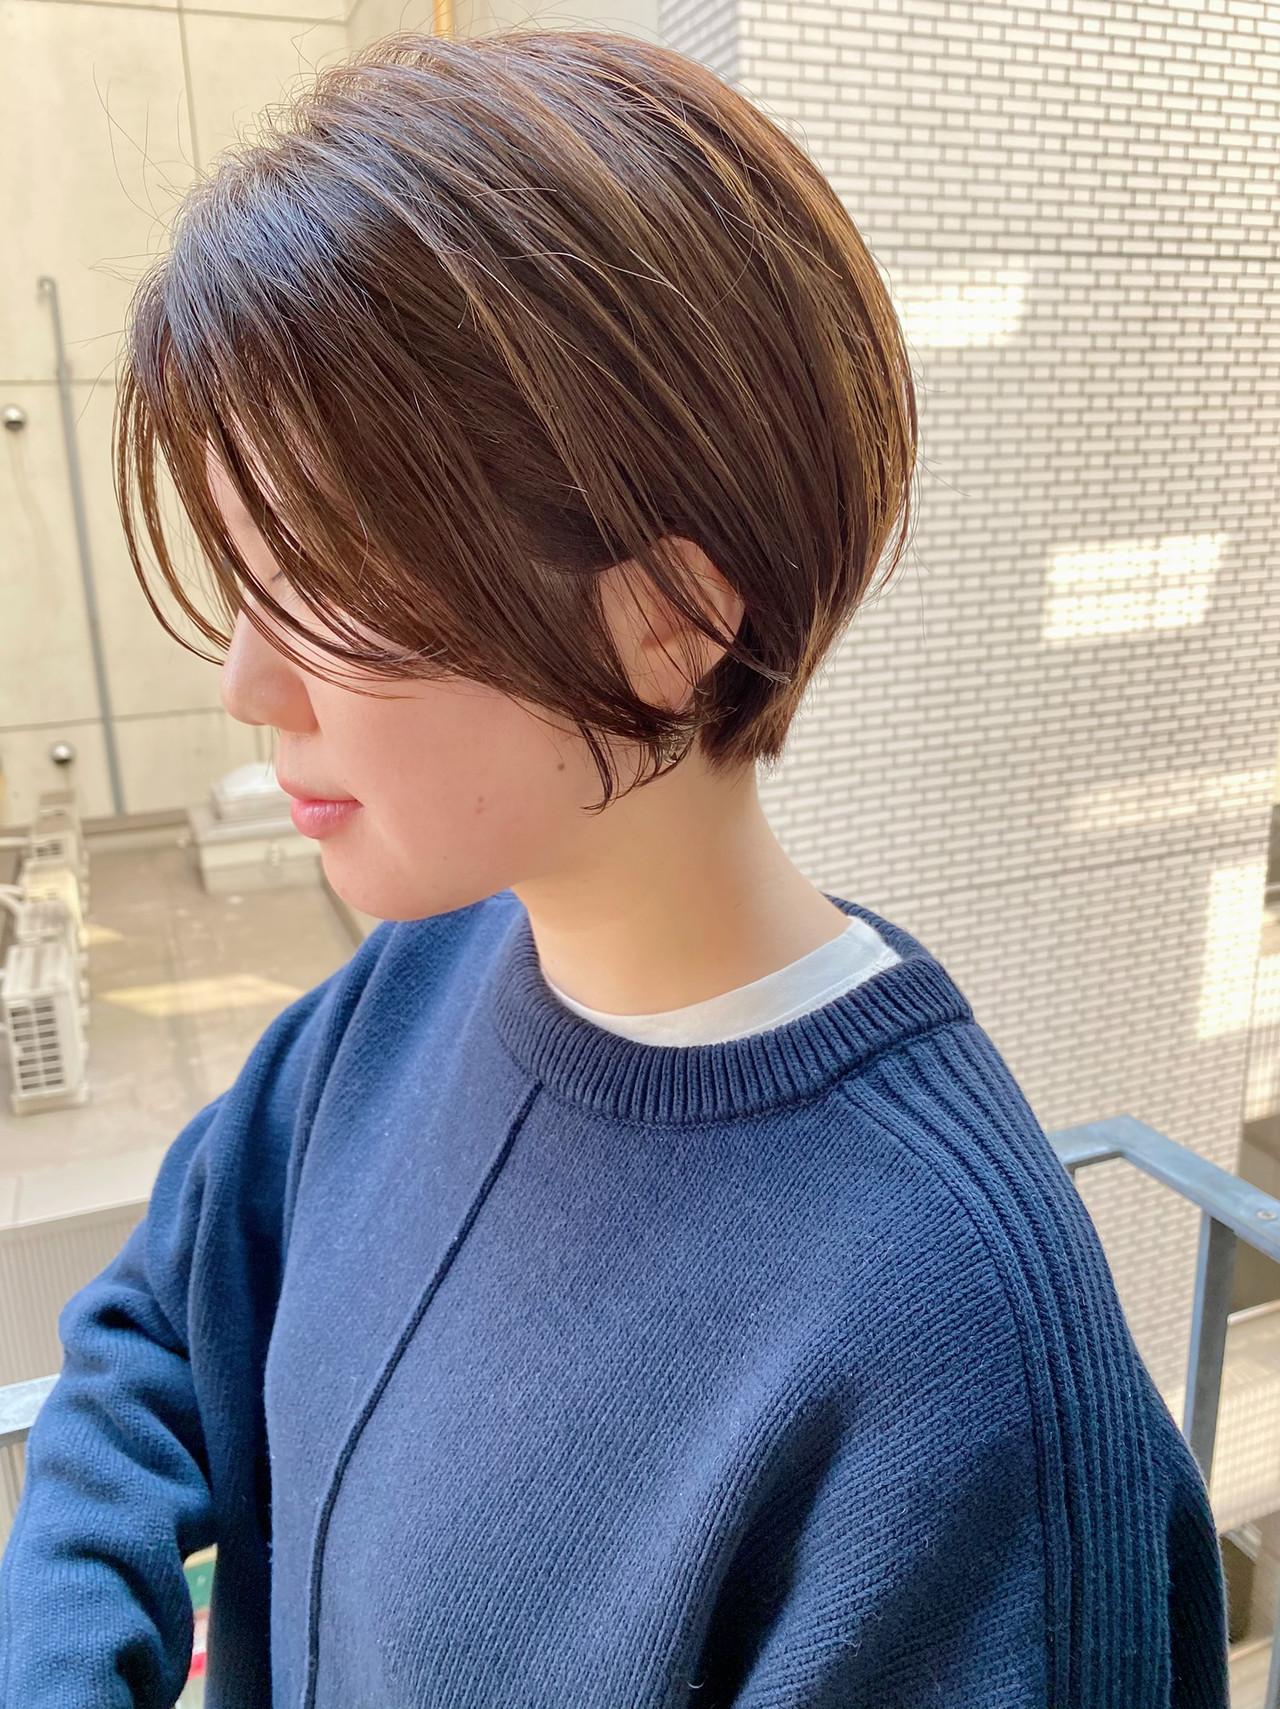 デート ショート ショートヘア ナチュラル ヘアスタイルや髪型の写真・画像 | 大人可愛い【ショート・ボブが得意】つばさ / VIE